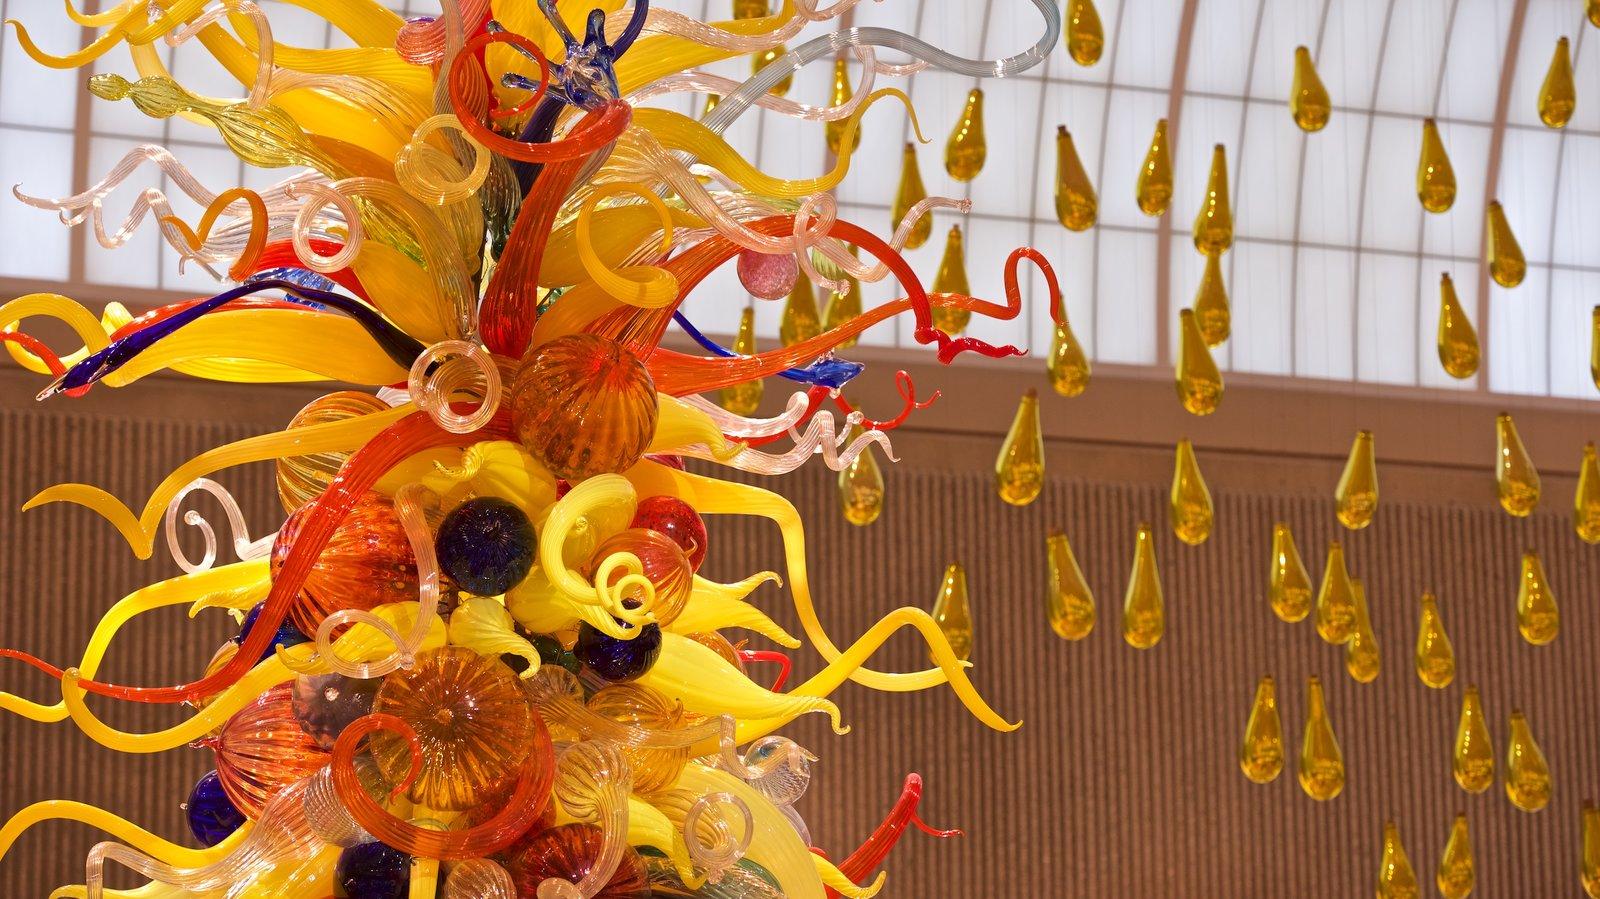 Palm Springs Art Museum que inclui arte e vistas internas